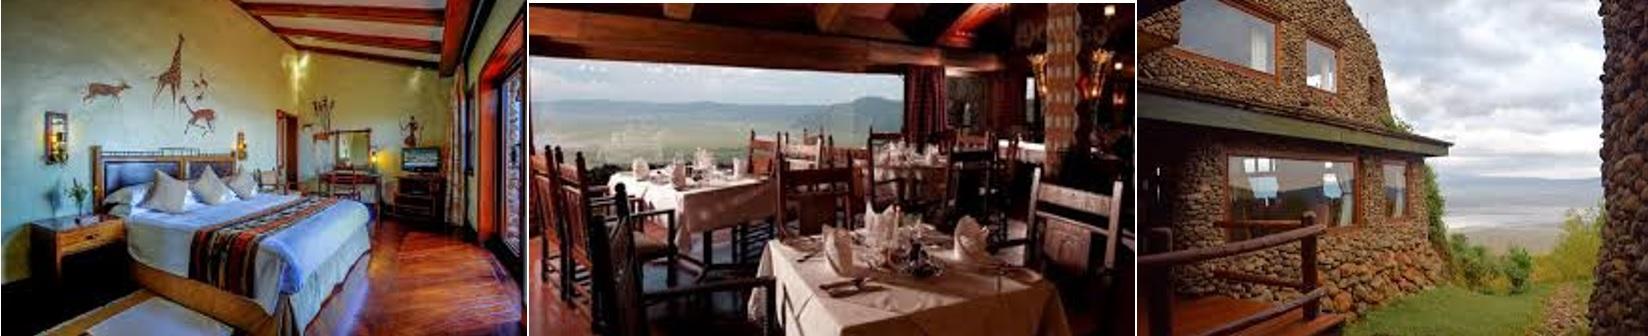 Ngorongoro Serena Safari Lodge-